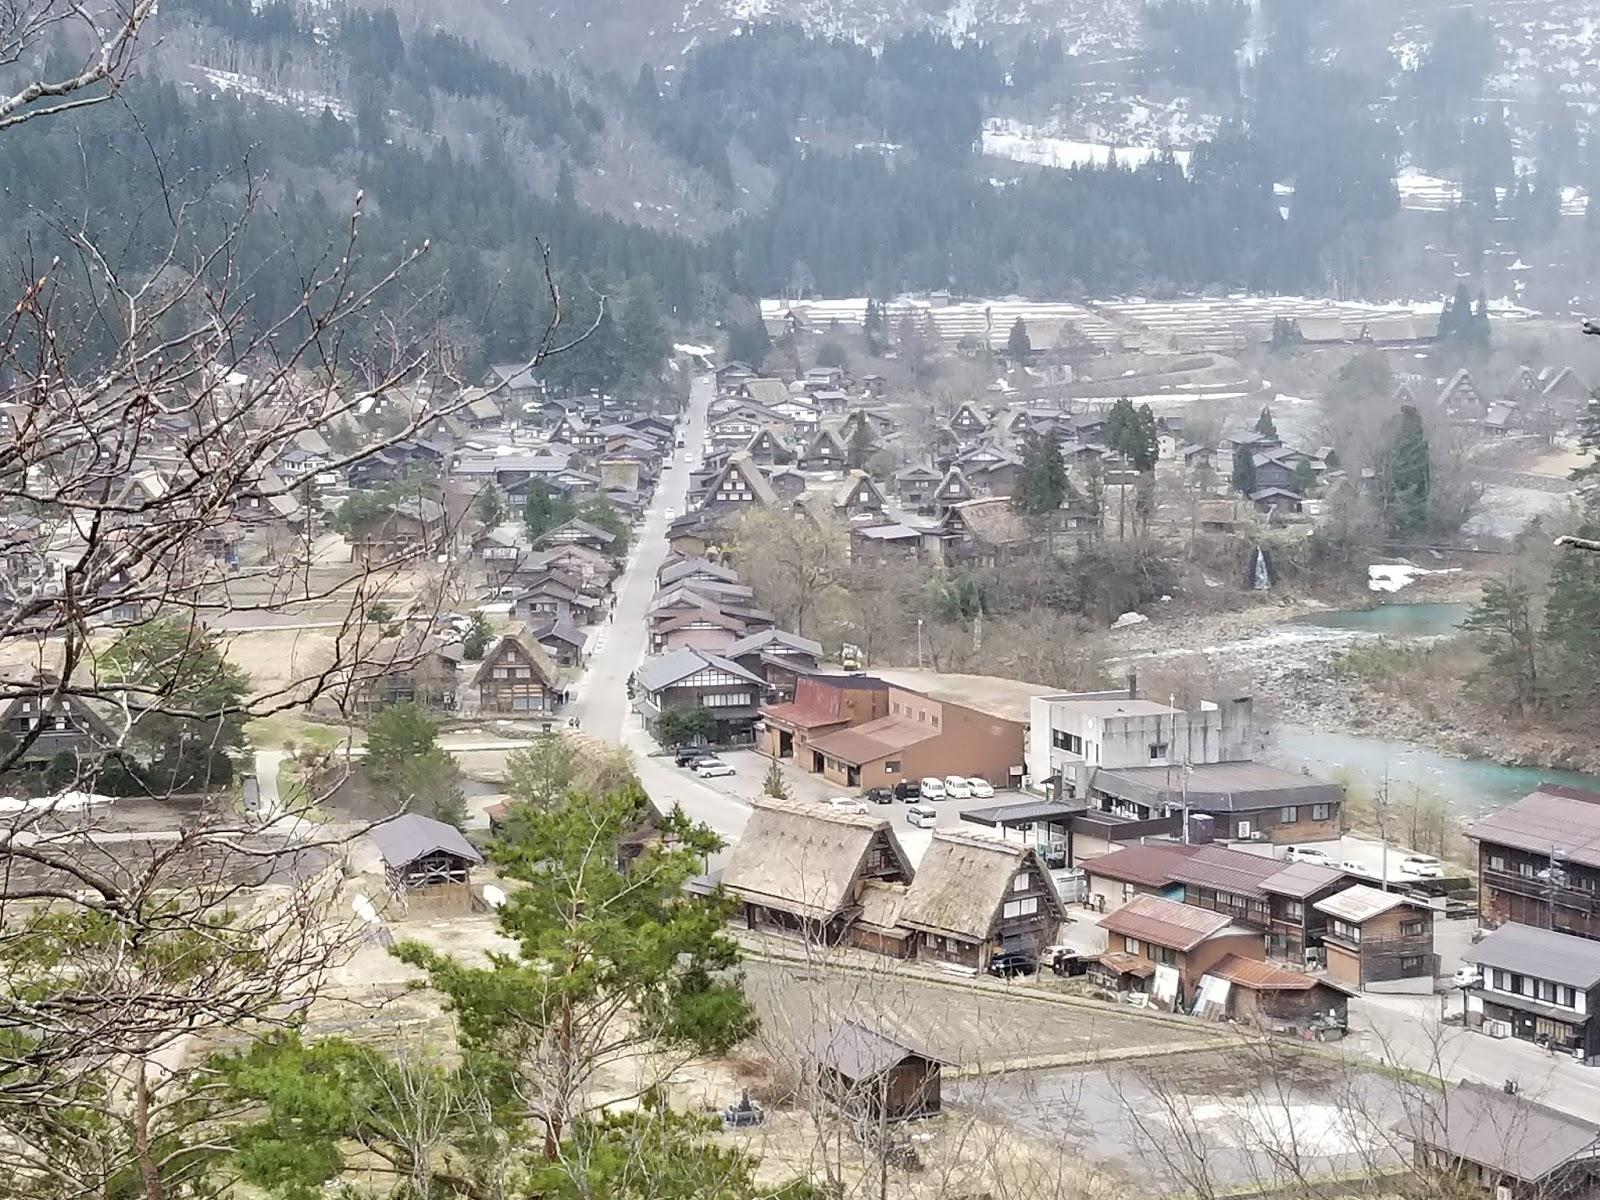 Aldea de Shirakawa-go, encantadora